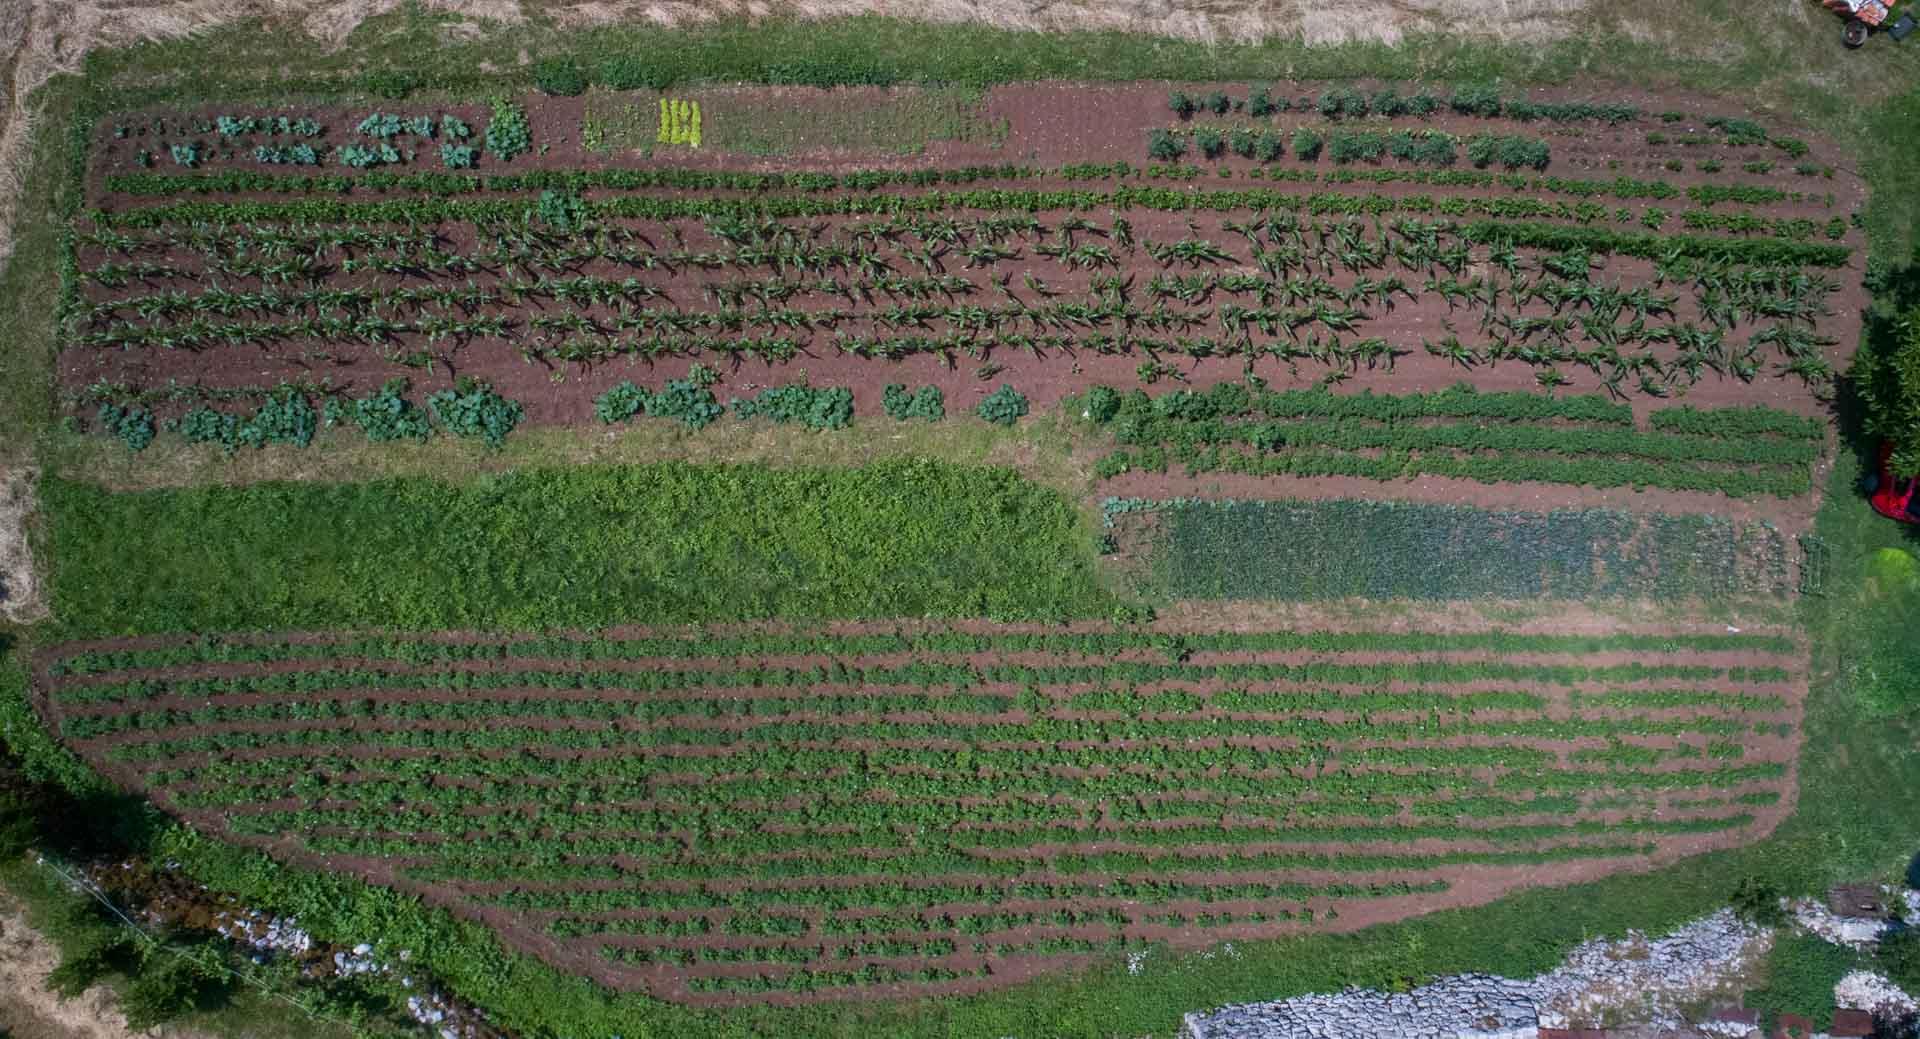 Aerial view of organic garden in Montenegro